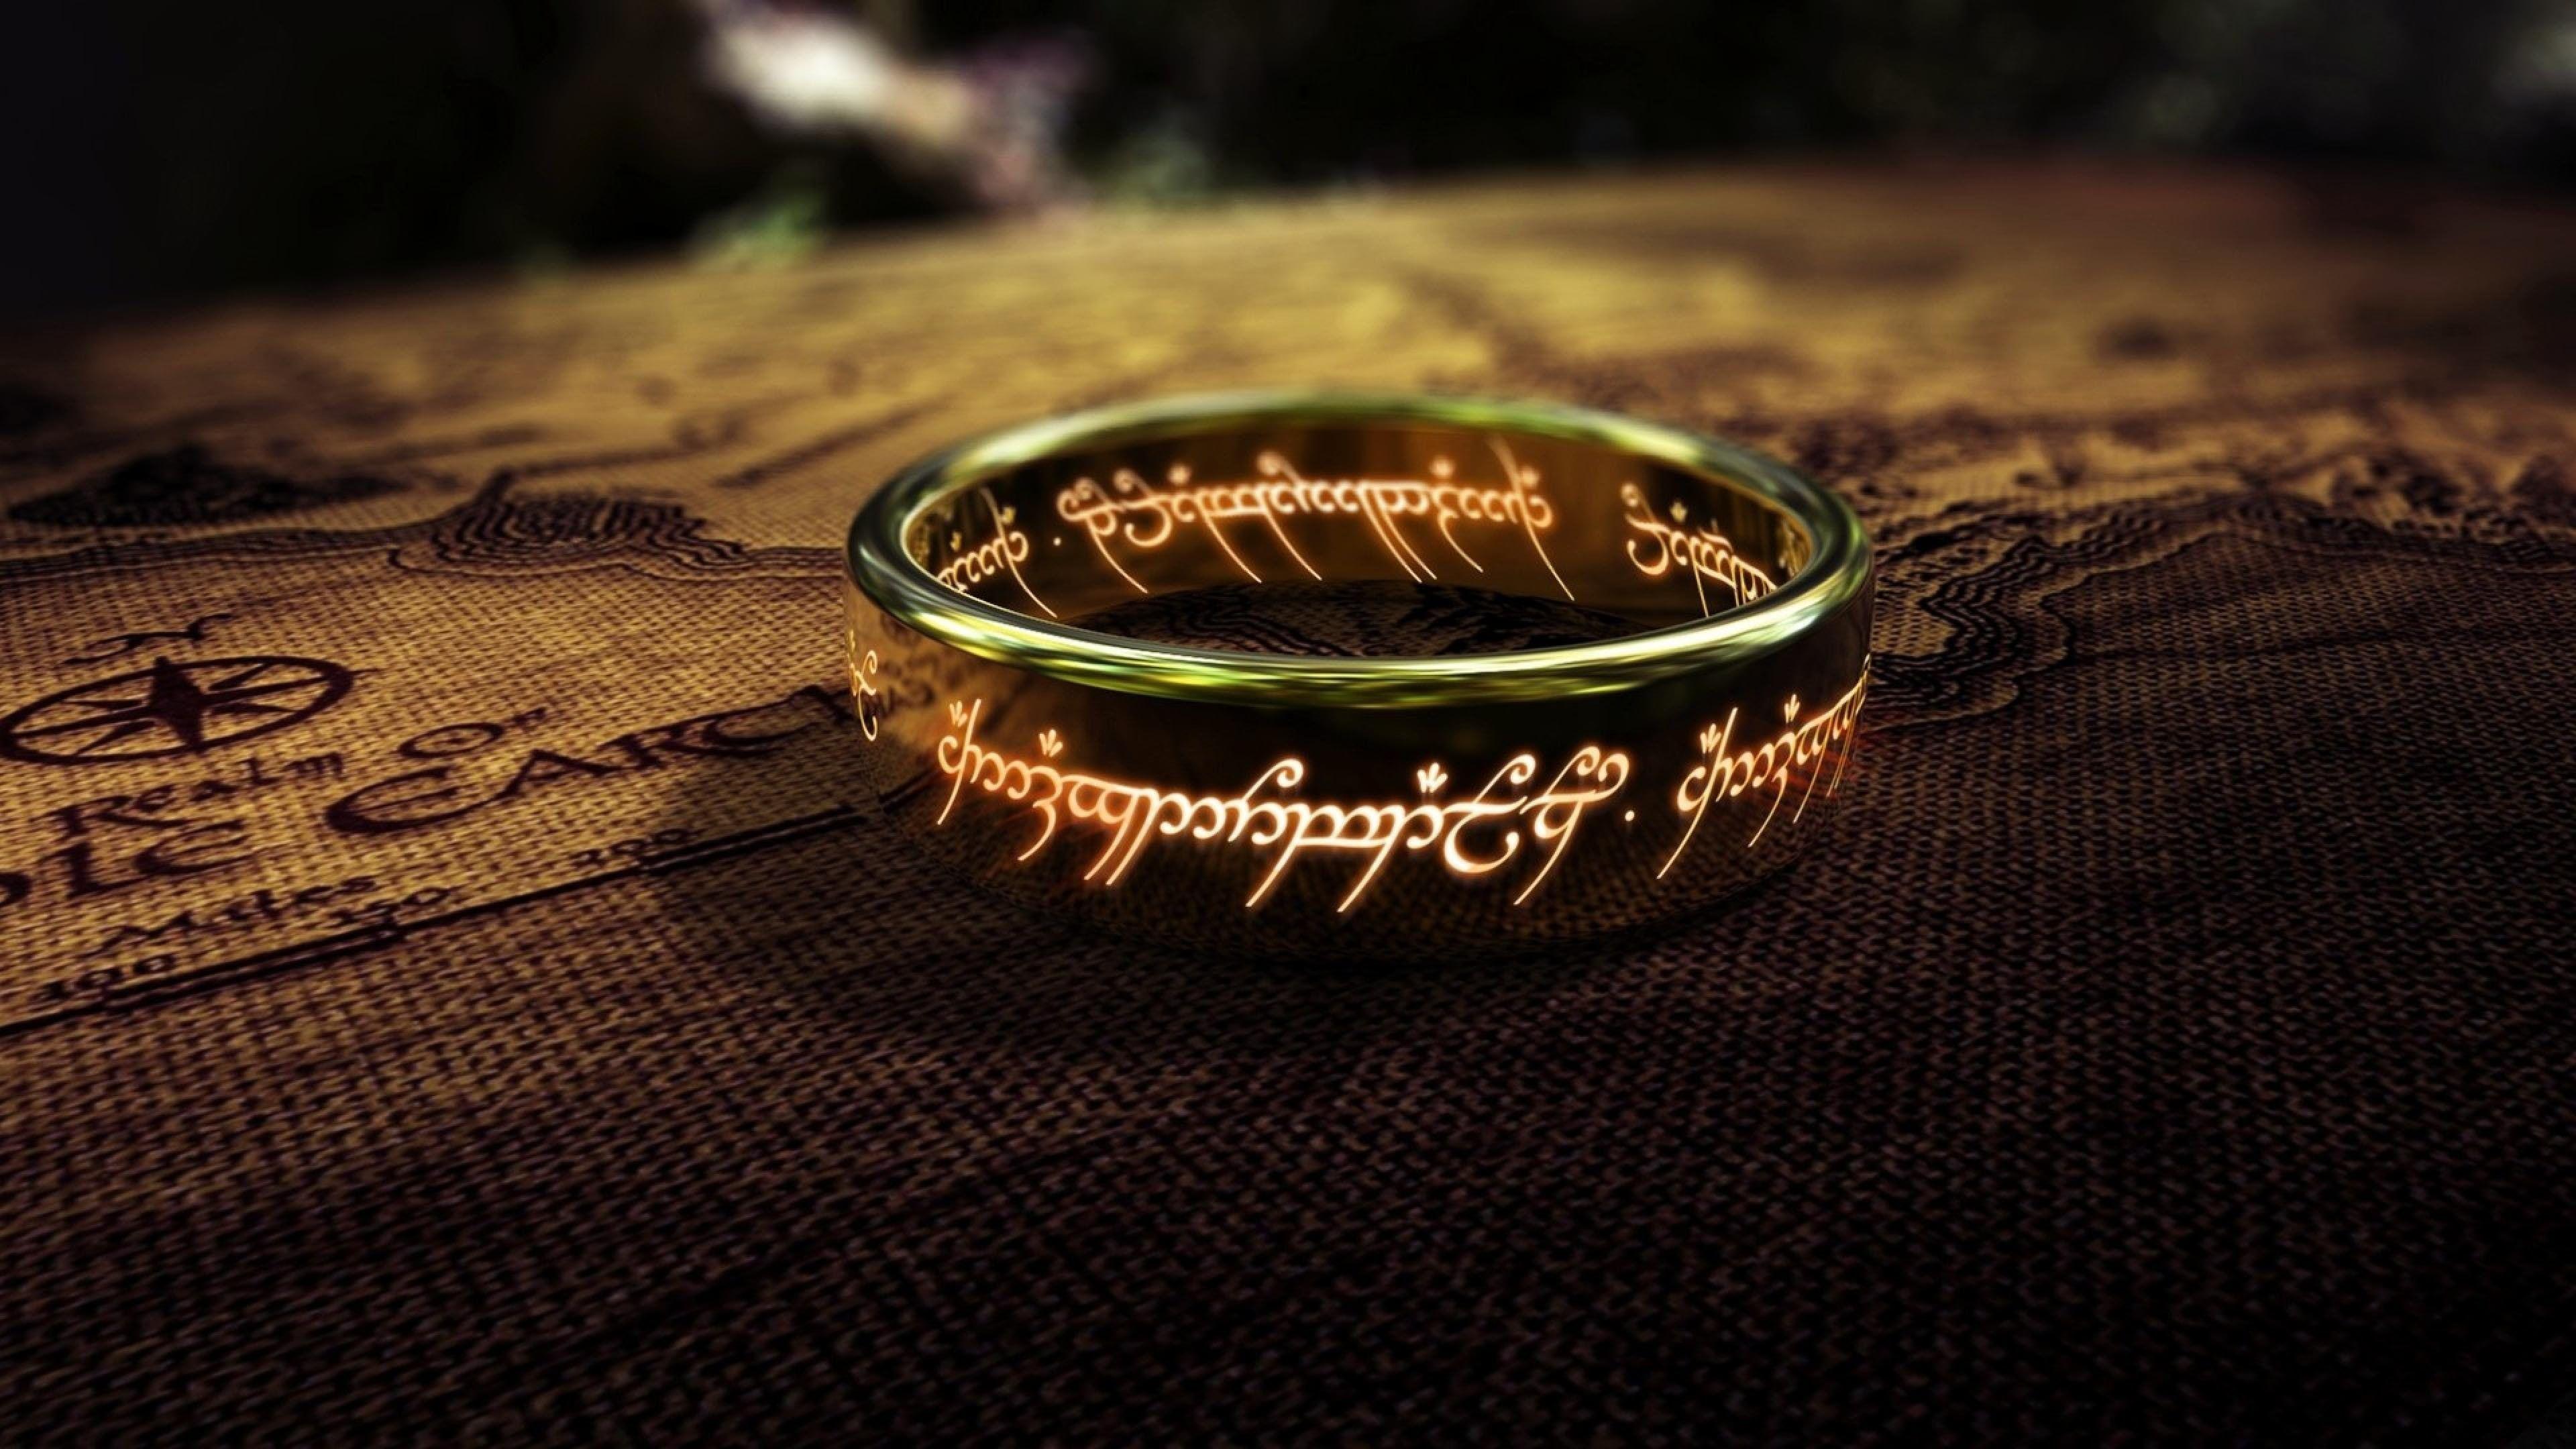 Art Artistic Artwork Fantasy Lord Lotr Original Rings 4k Wallpaper Hdwallpaper Desktop In 2020 Lord Of The Rings One Ring Rings